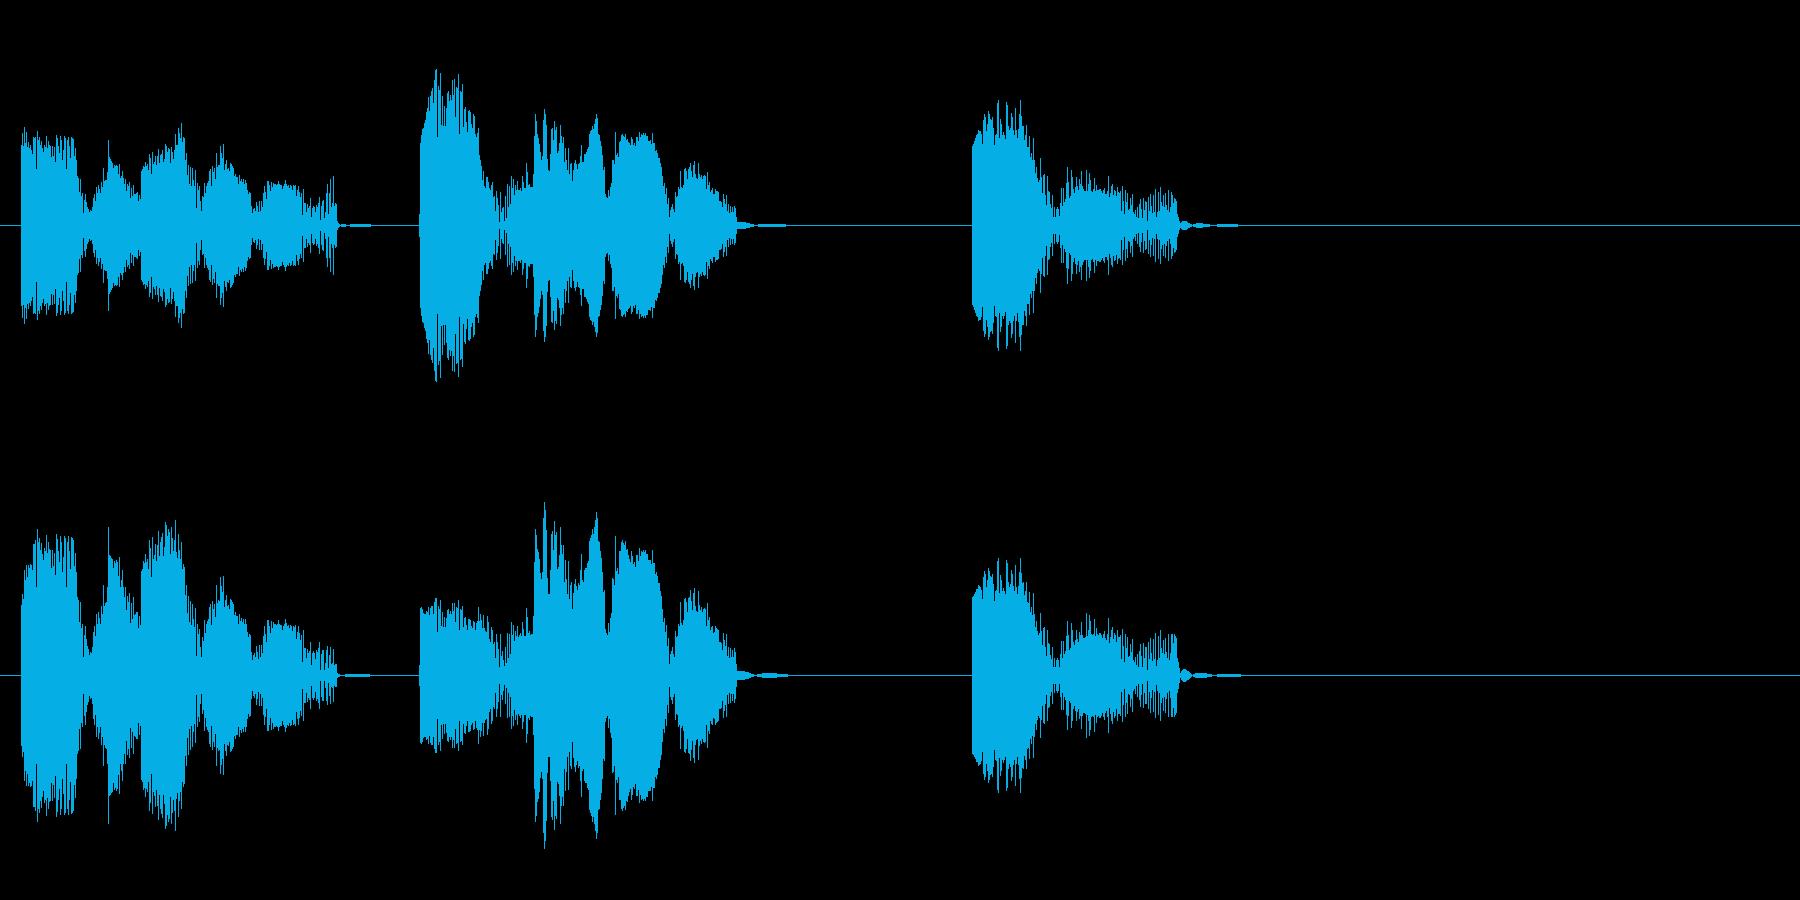 ロボットの音声 1の再生済みの波形